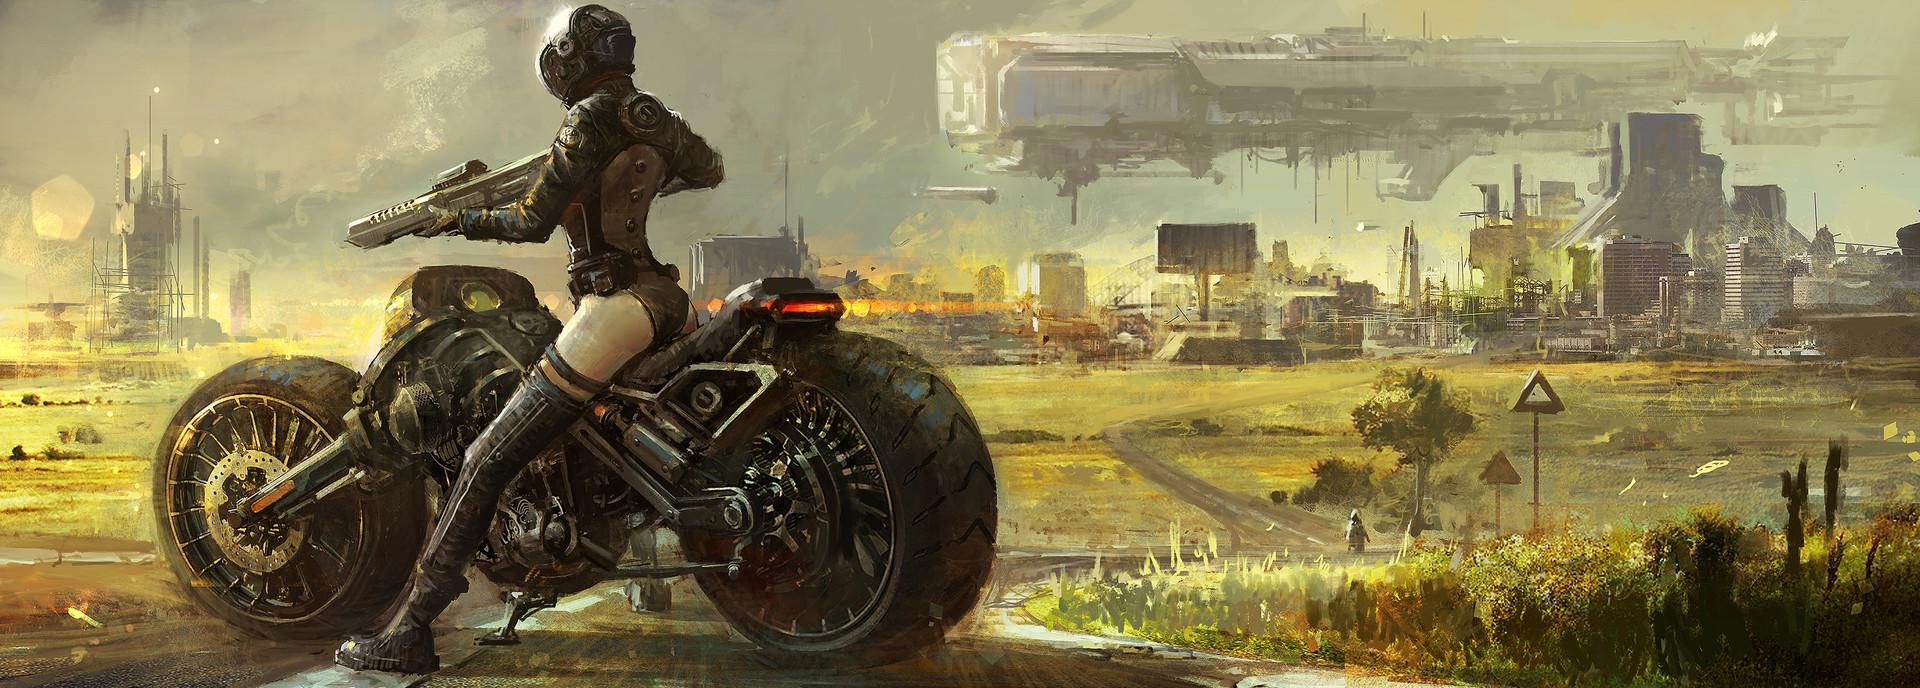 su-jian-scifi-art-2